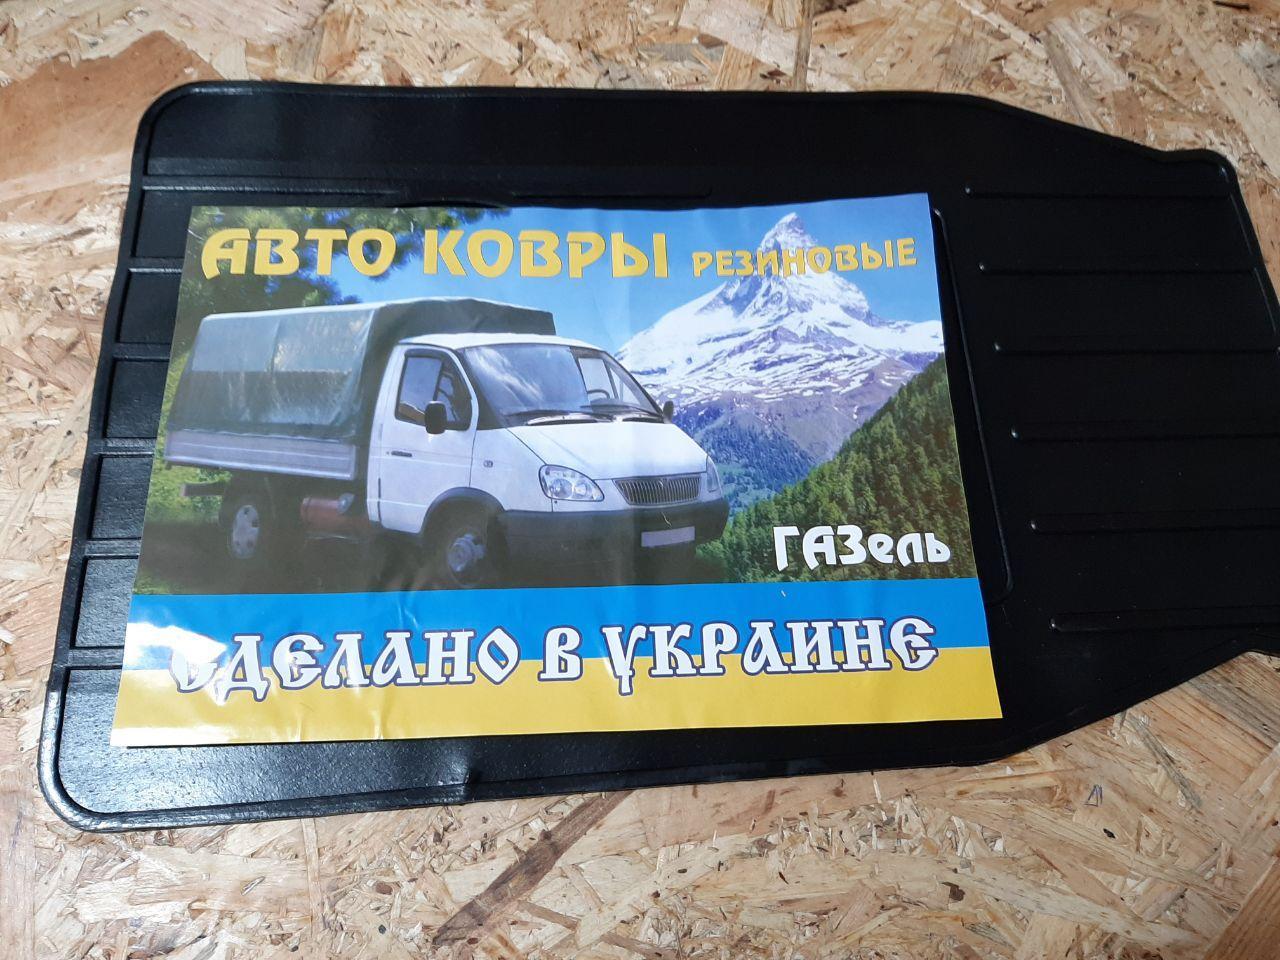 Резиновые коврики на Газель (ГАЗ) / Автомобильные коврики на ГАЗ